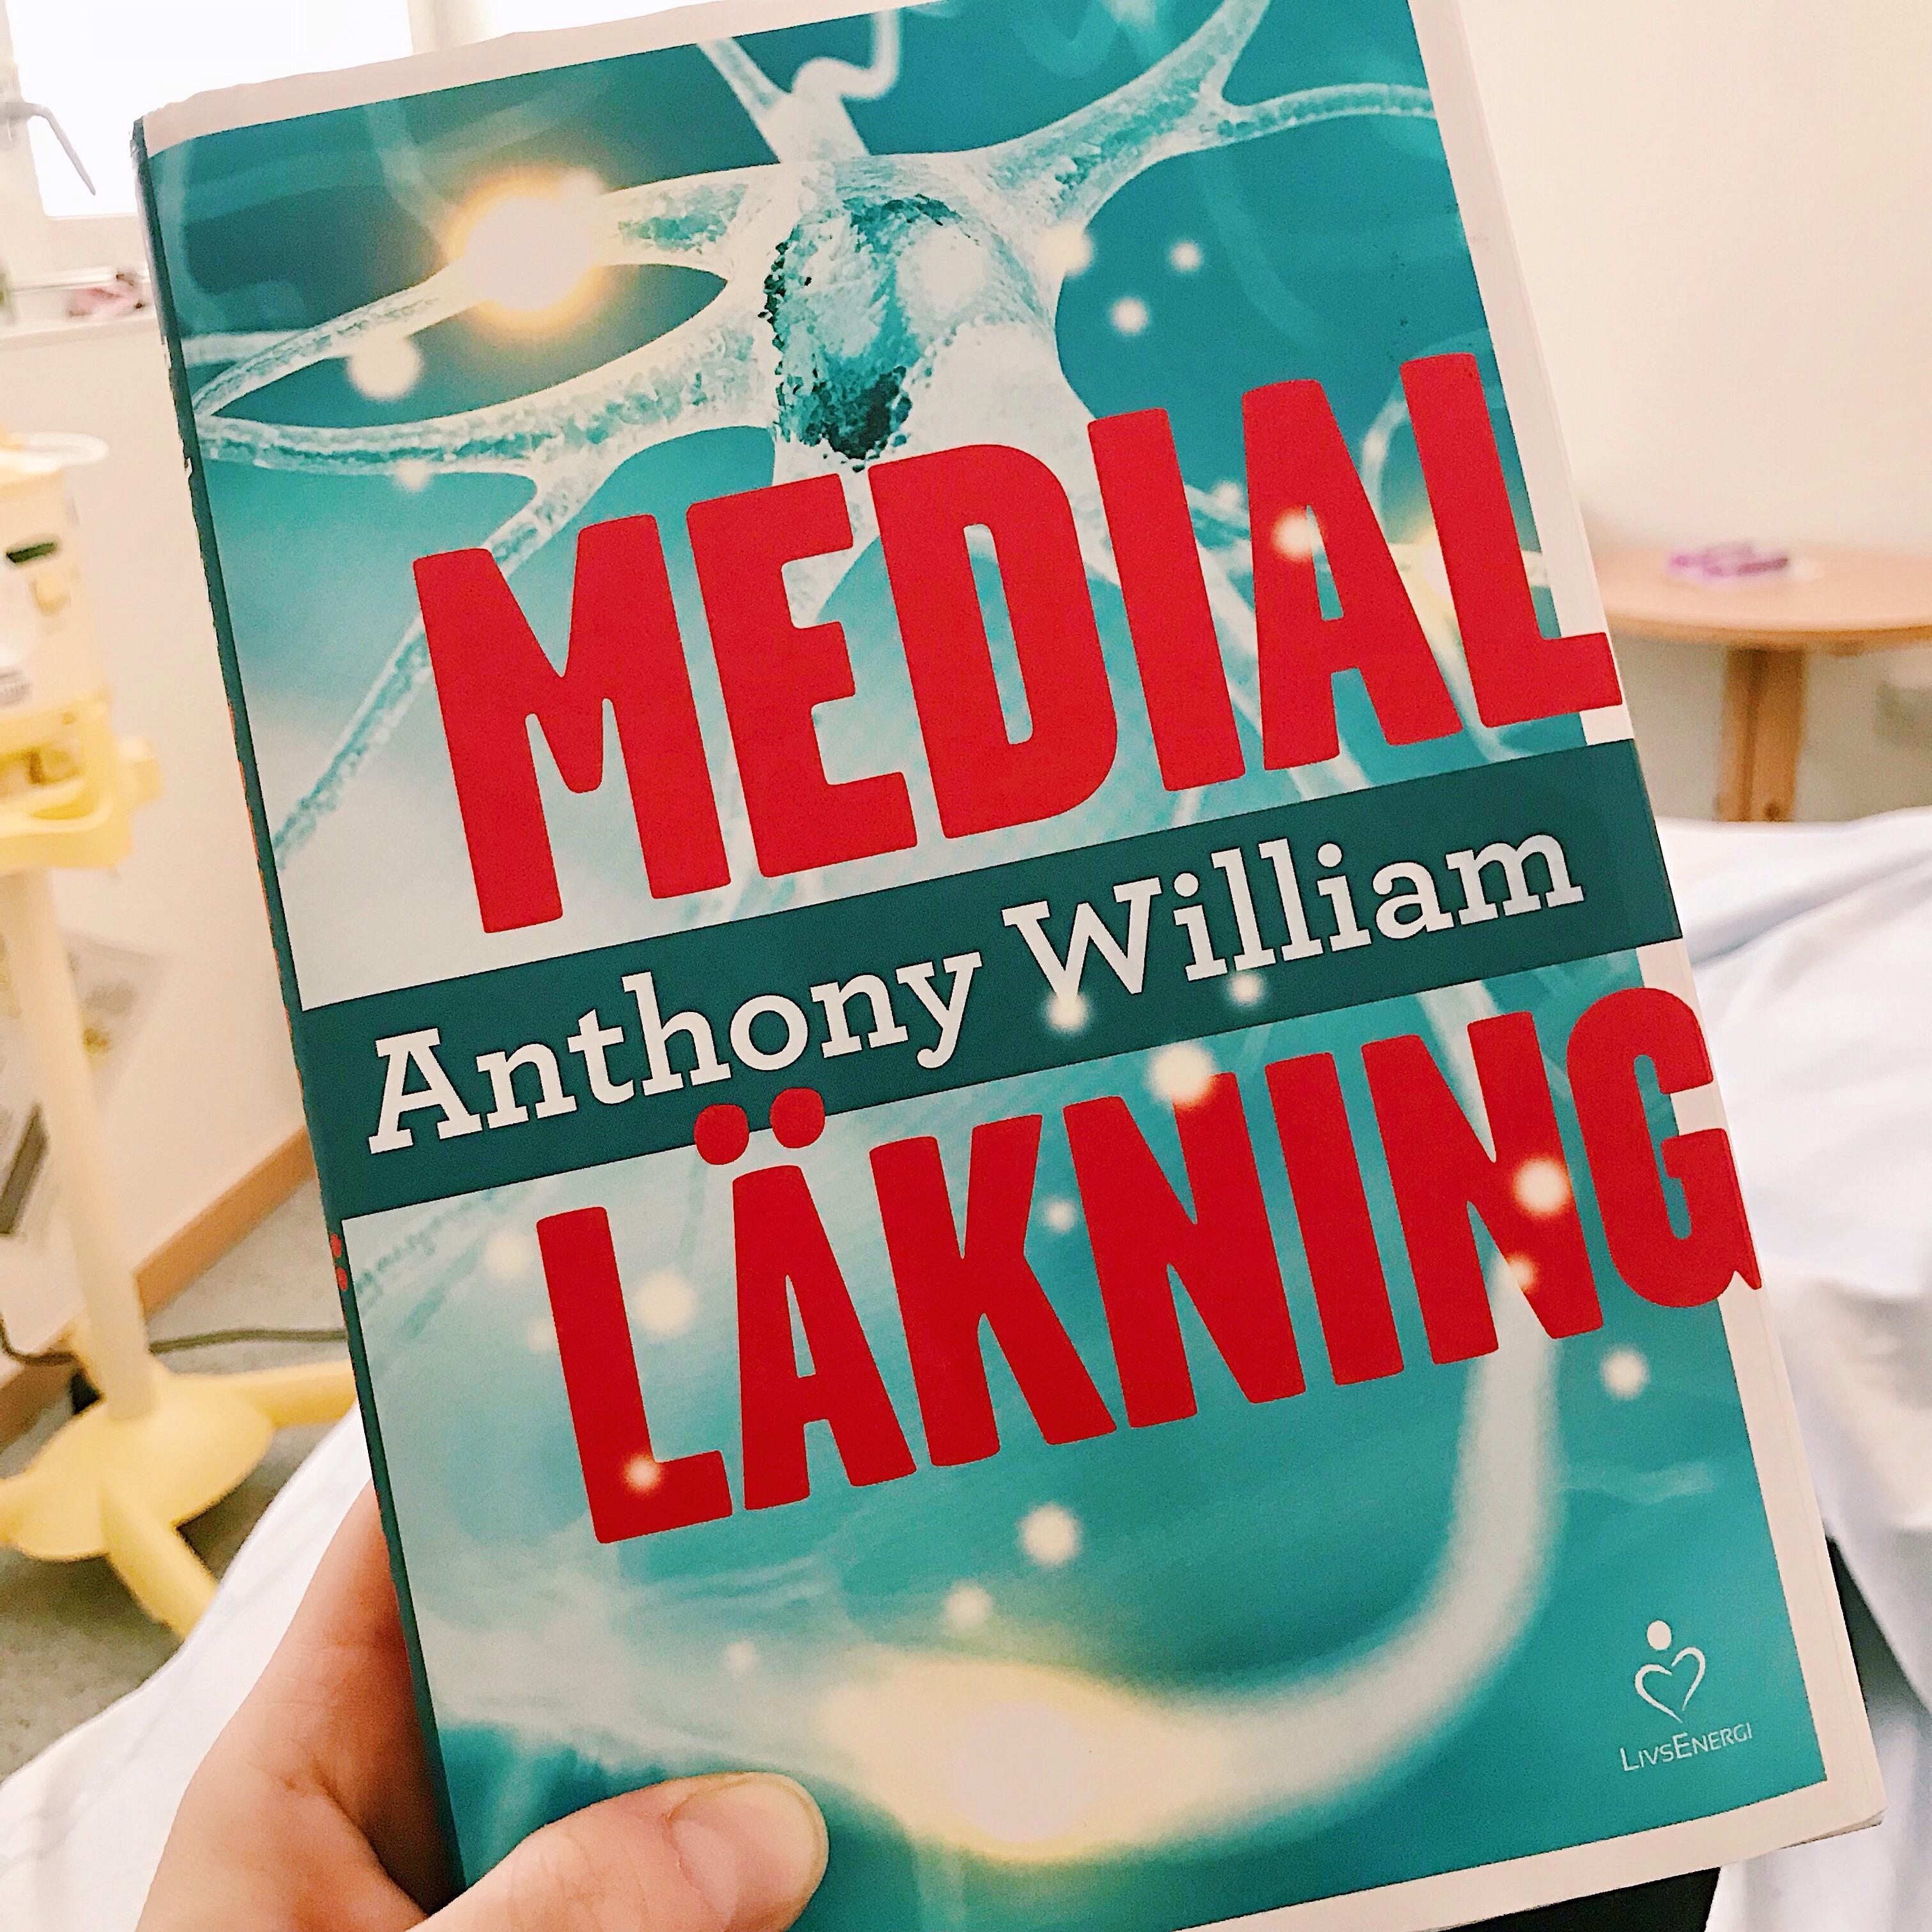 medial läkning - medical medium